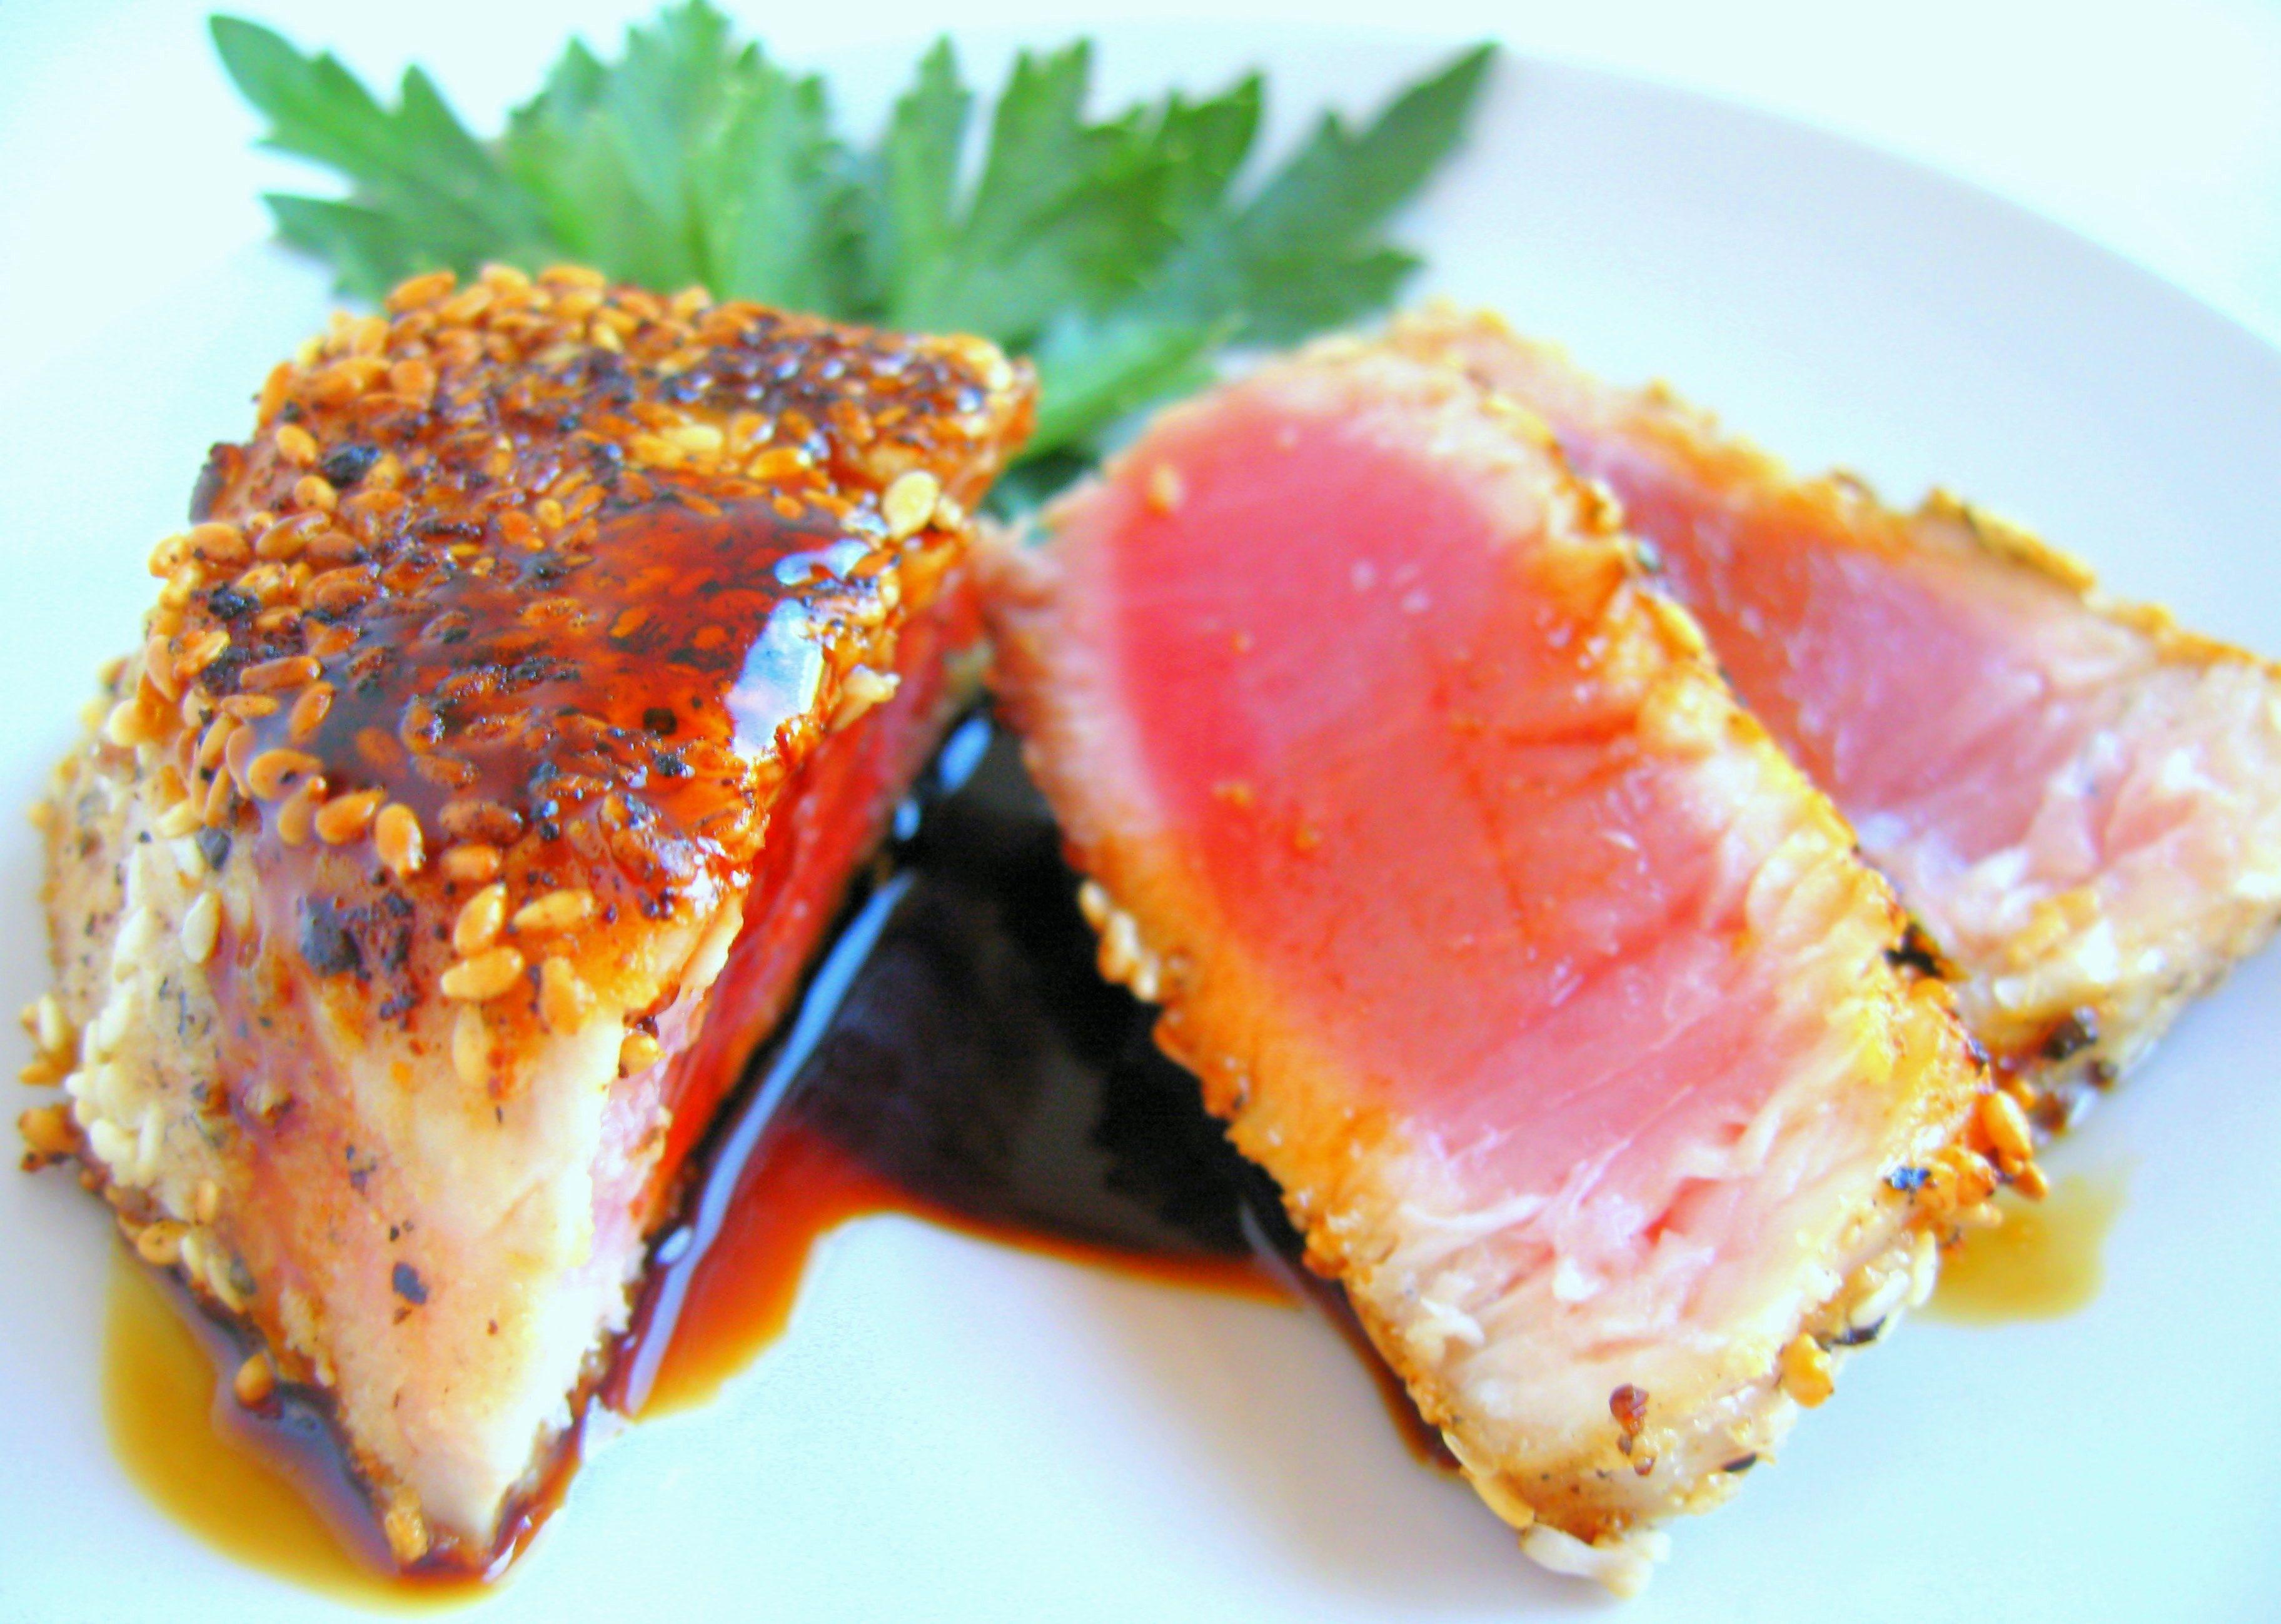 анастасии, блюда из тунца замороженного рецепты с фото нашем интернет-магазине найдете